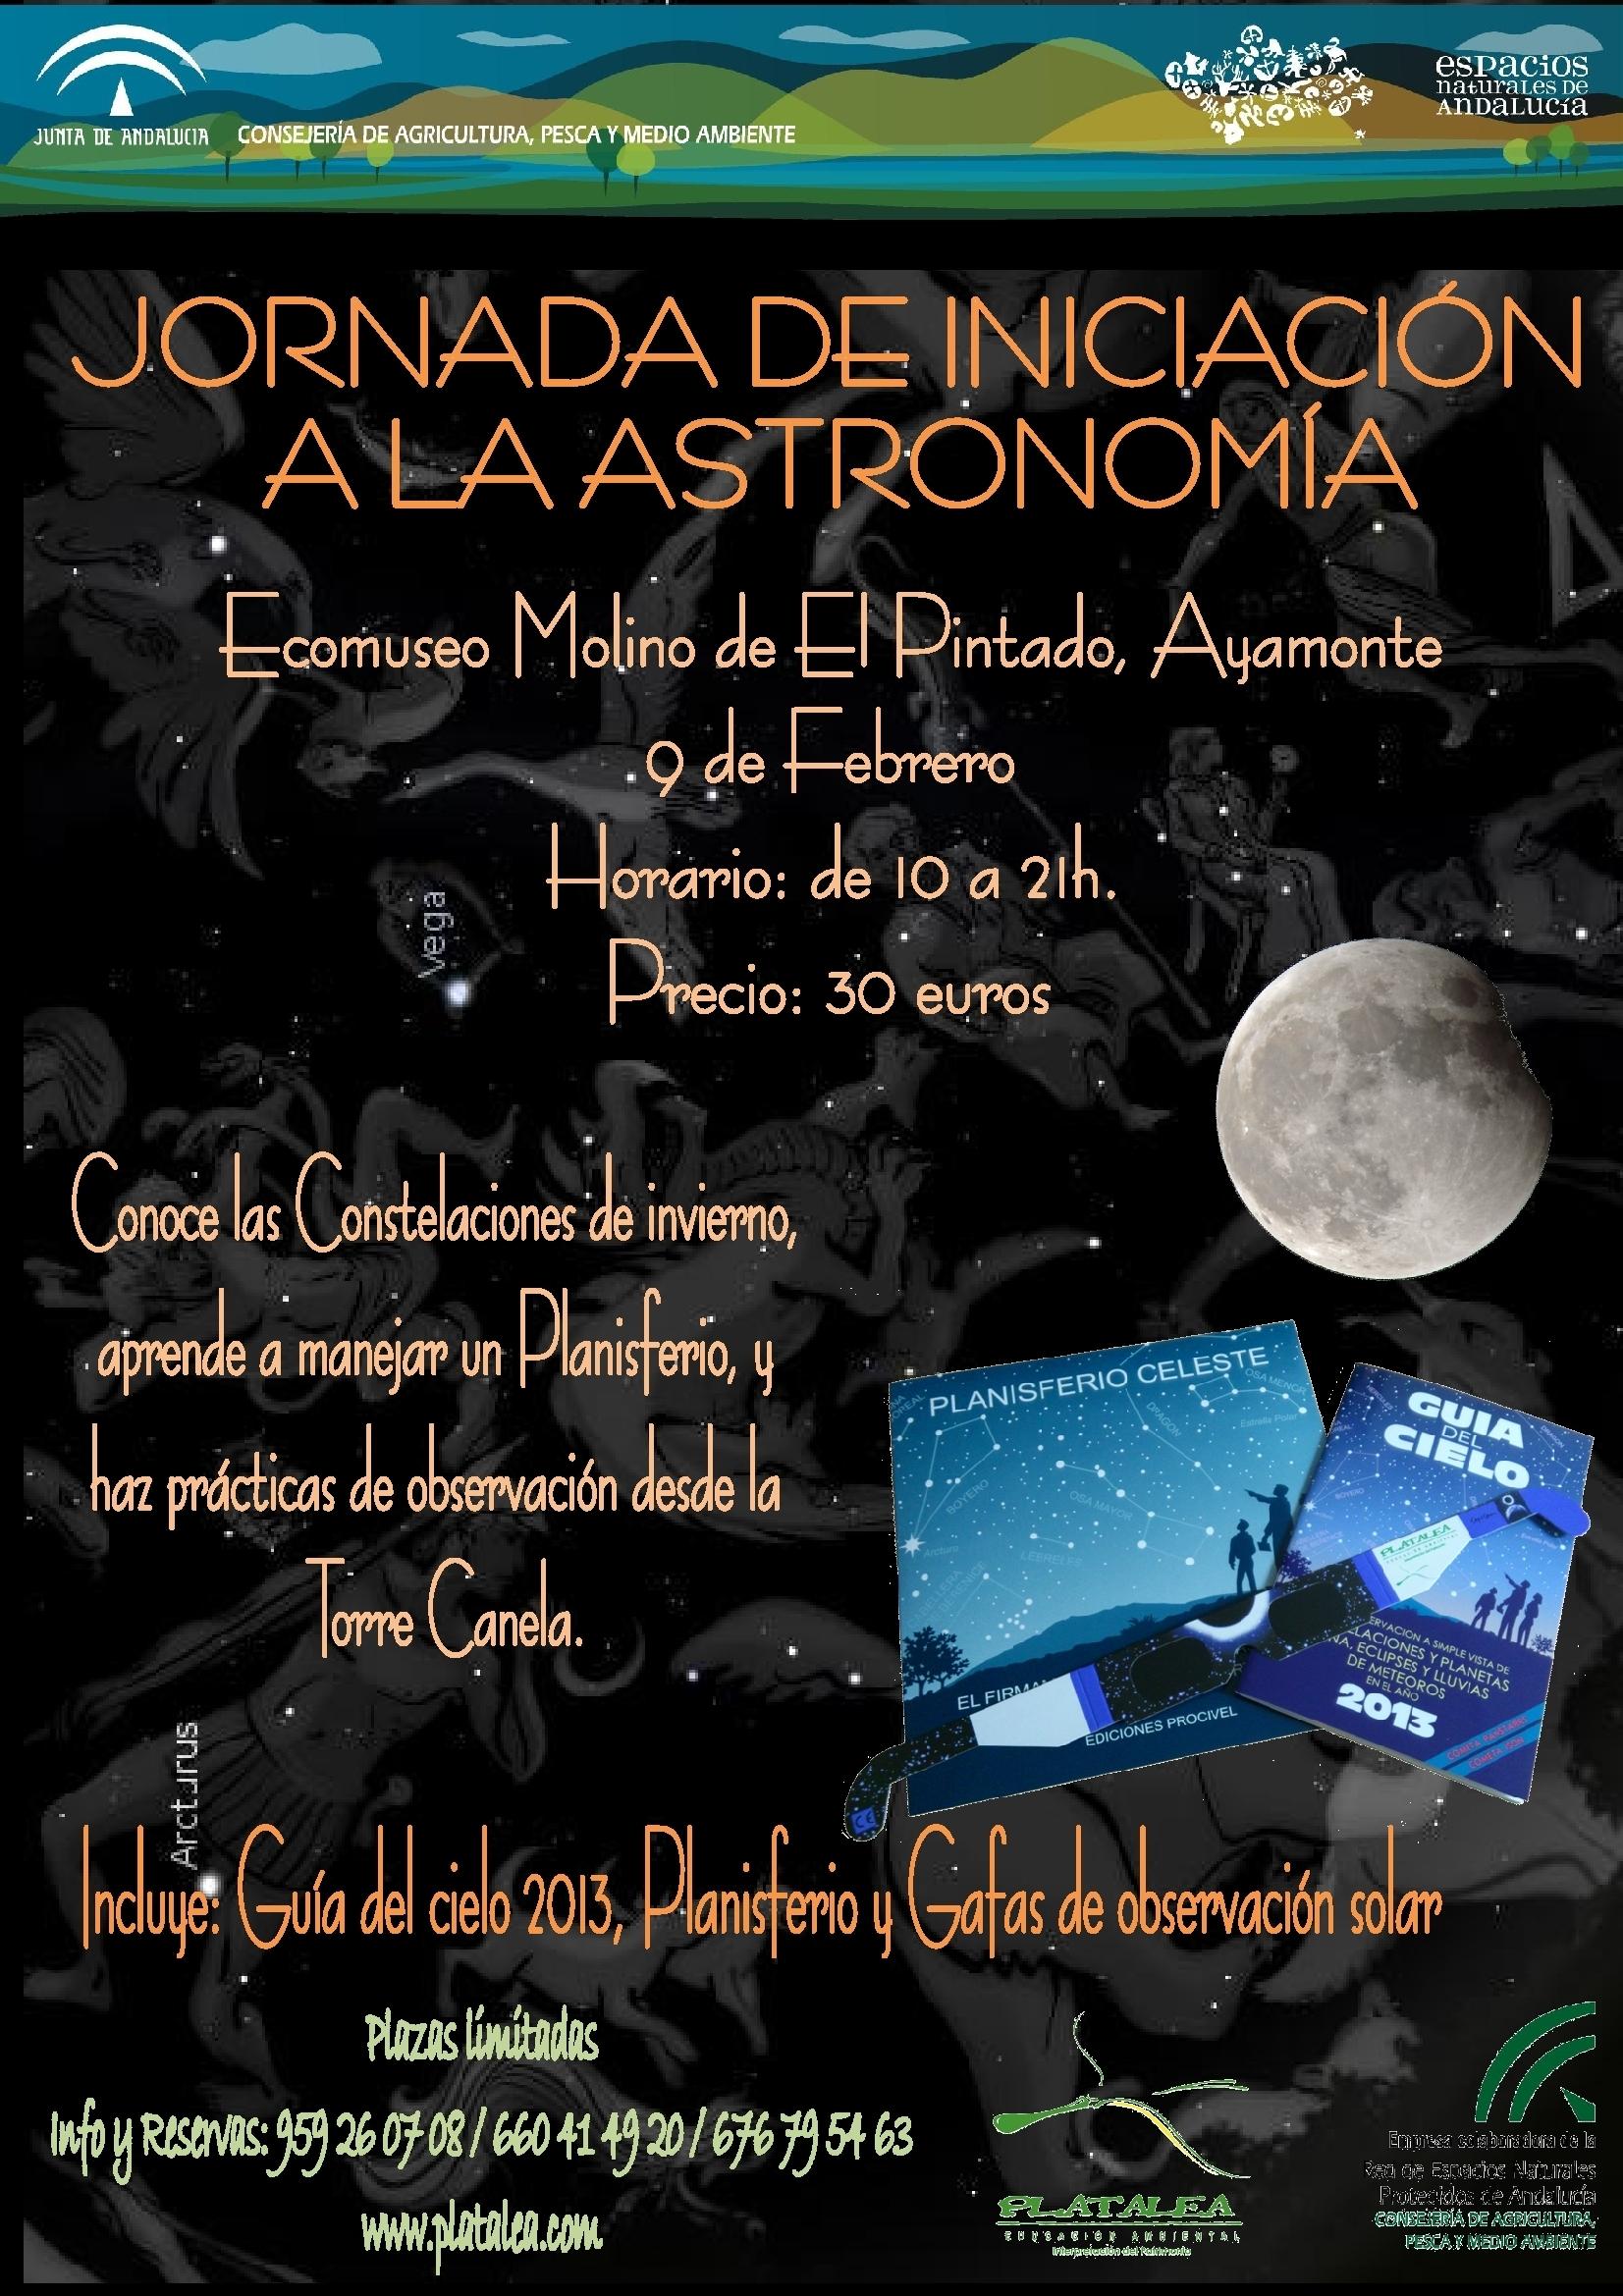 Cartel anunciador de la propuesta diseñada por los amantes de las estrellas.